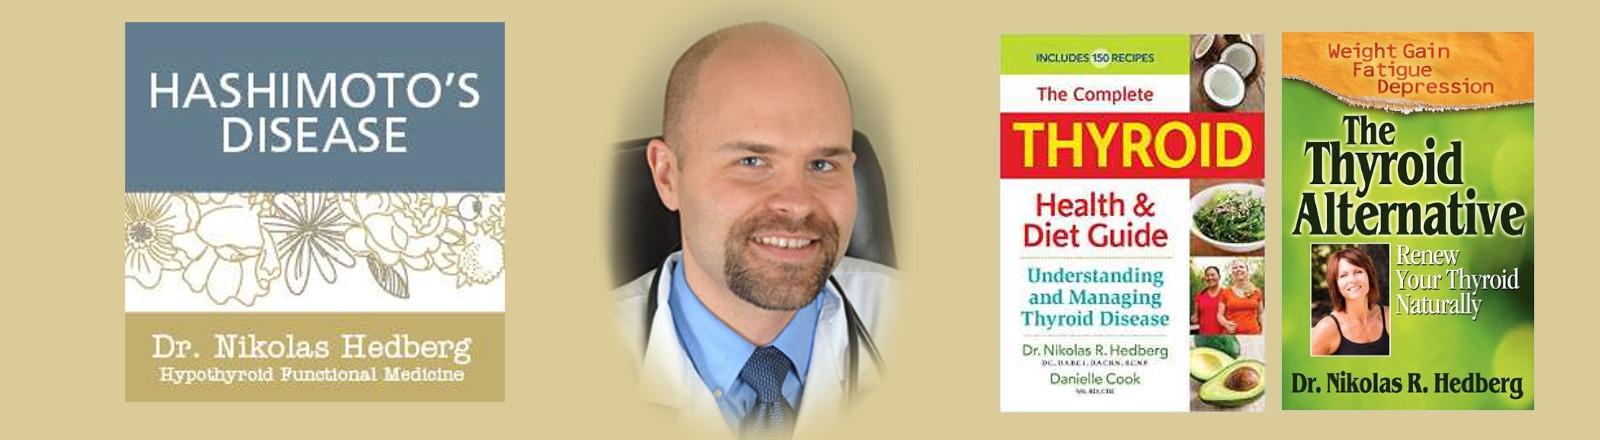 hypothyroidism hashimoto disease